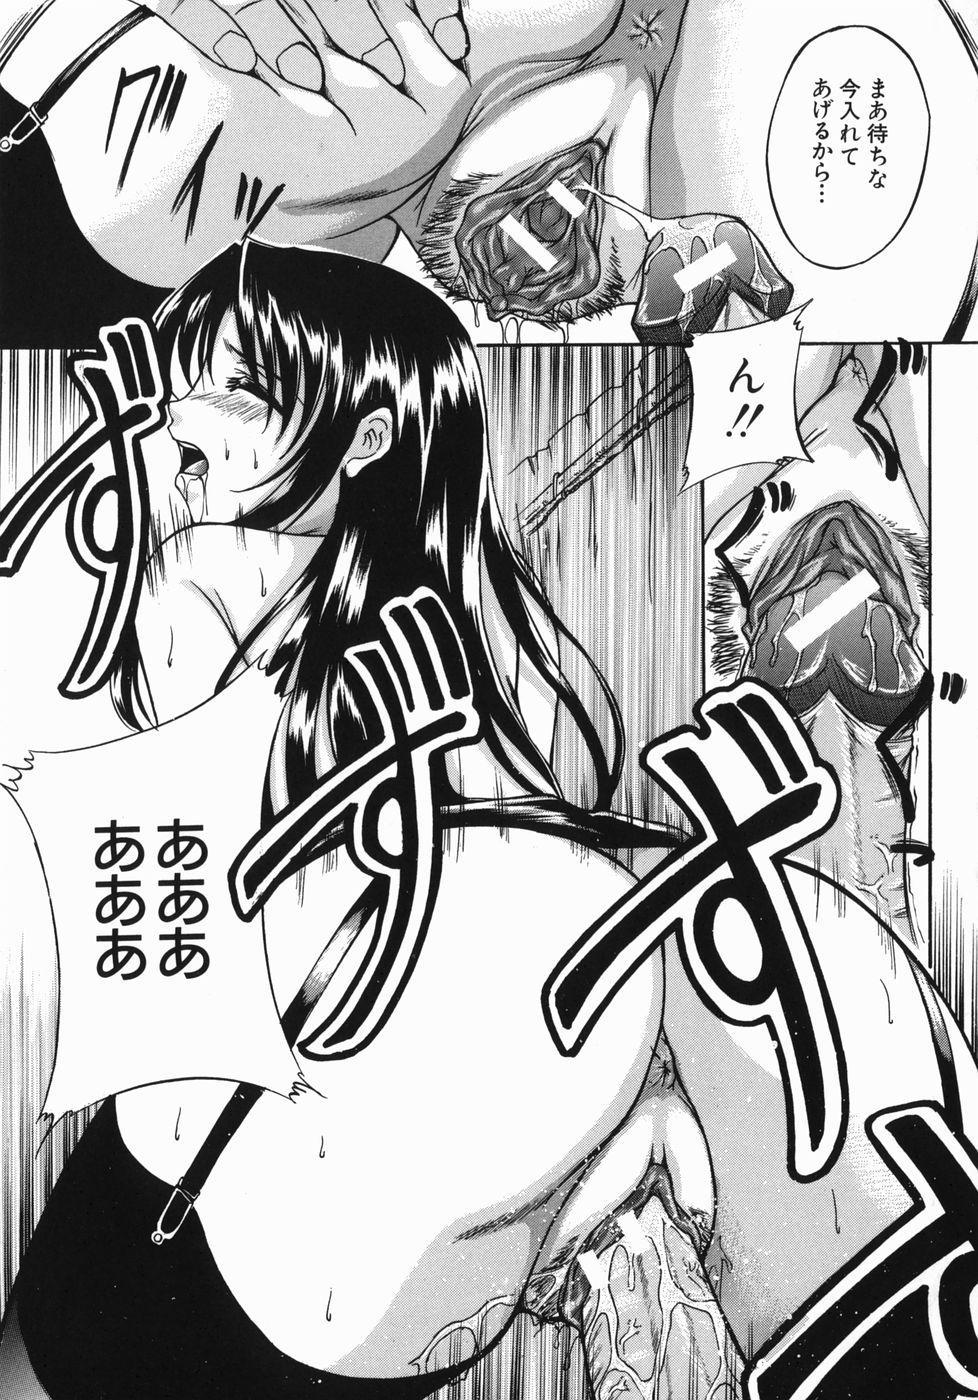 Shiiku Ganbou 195